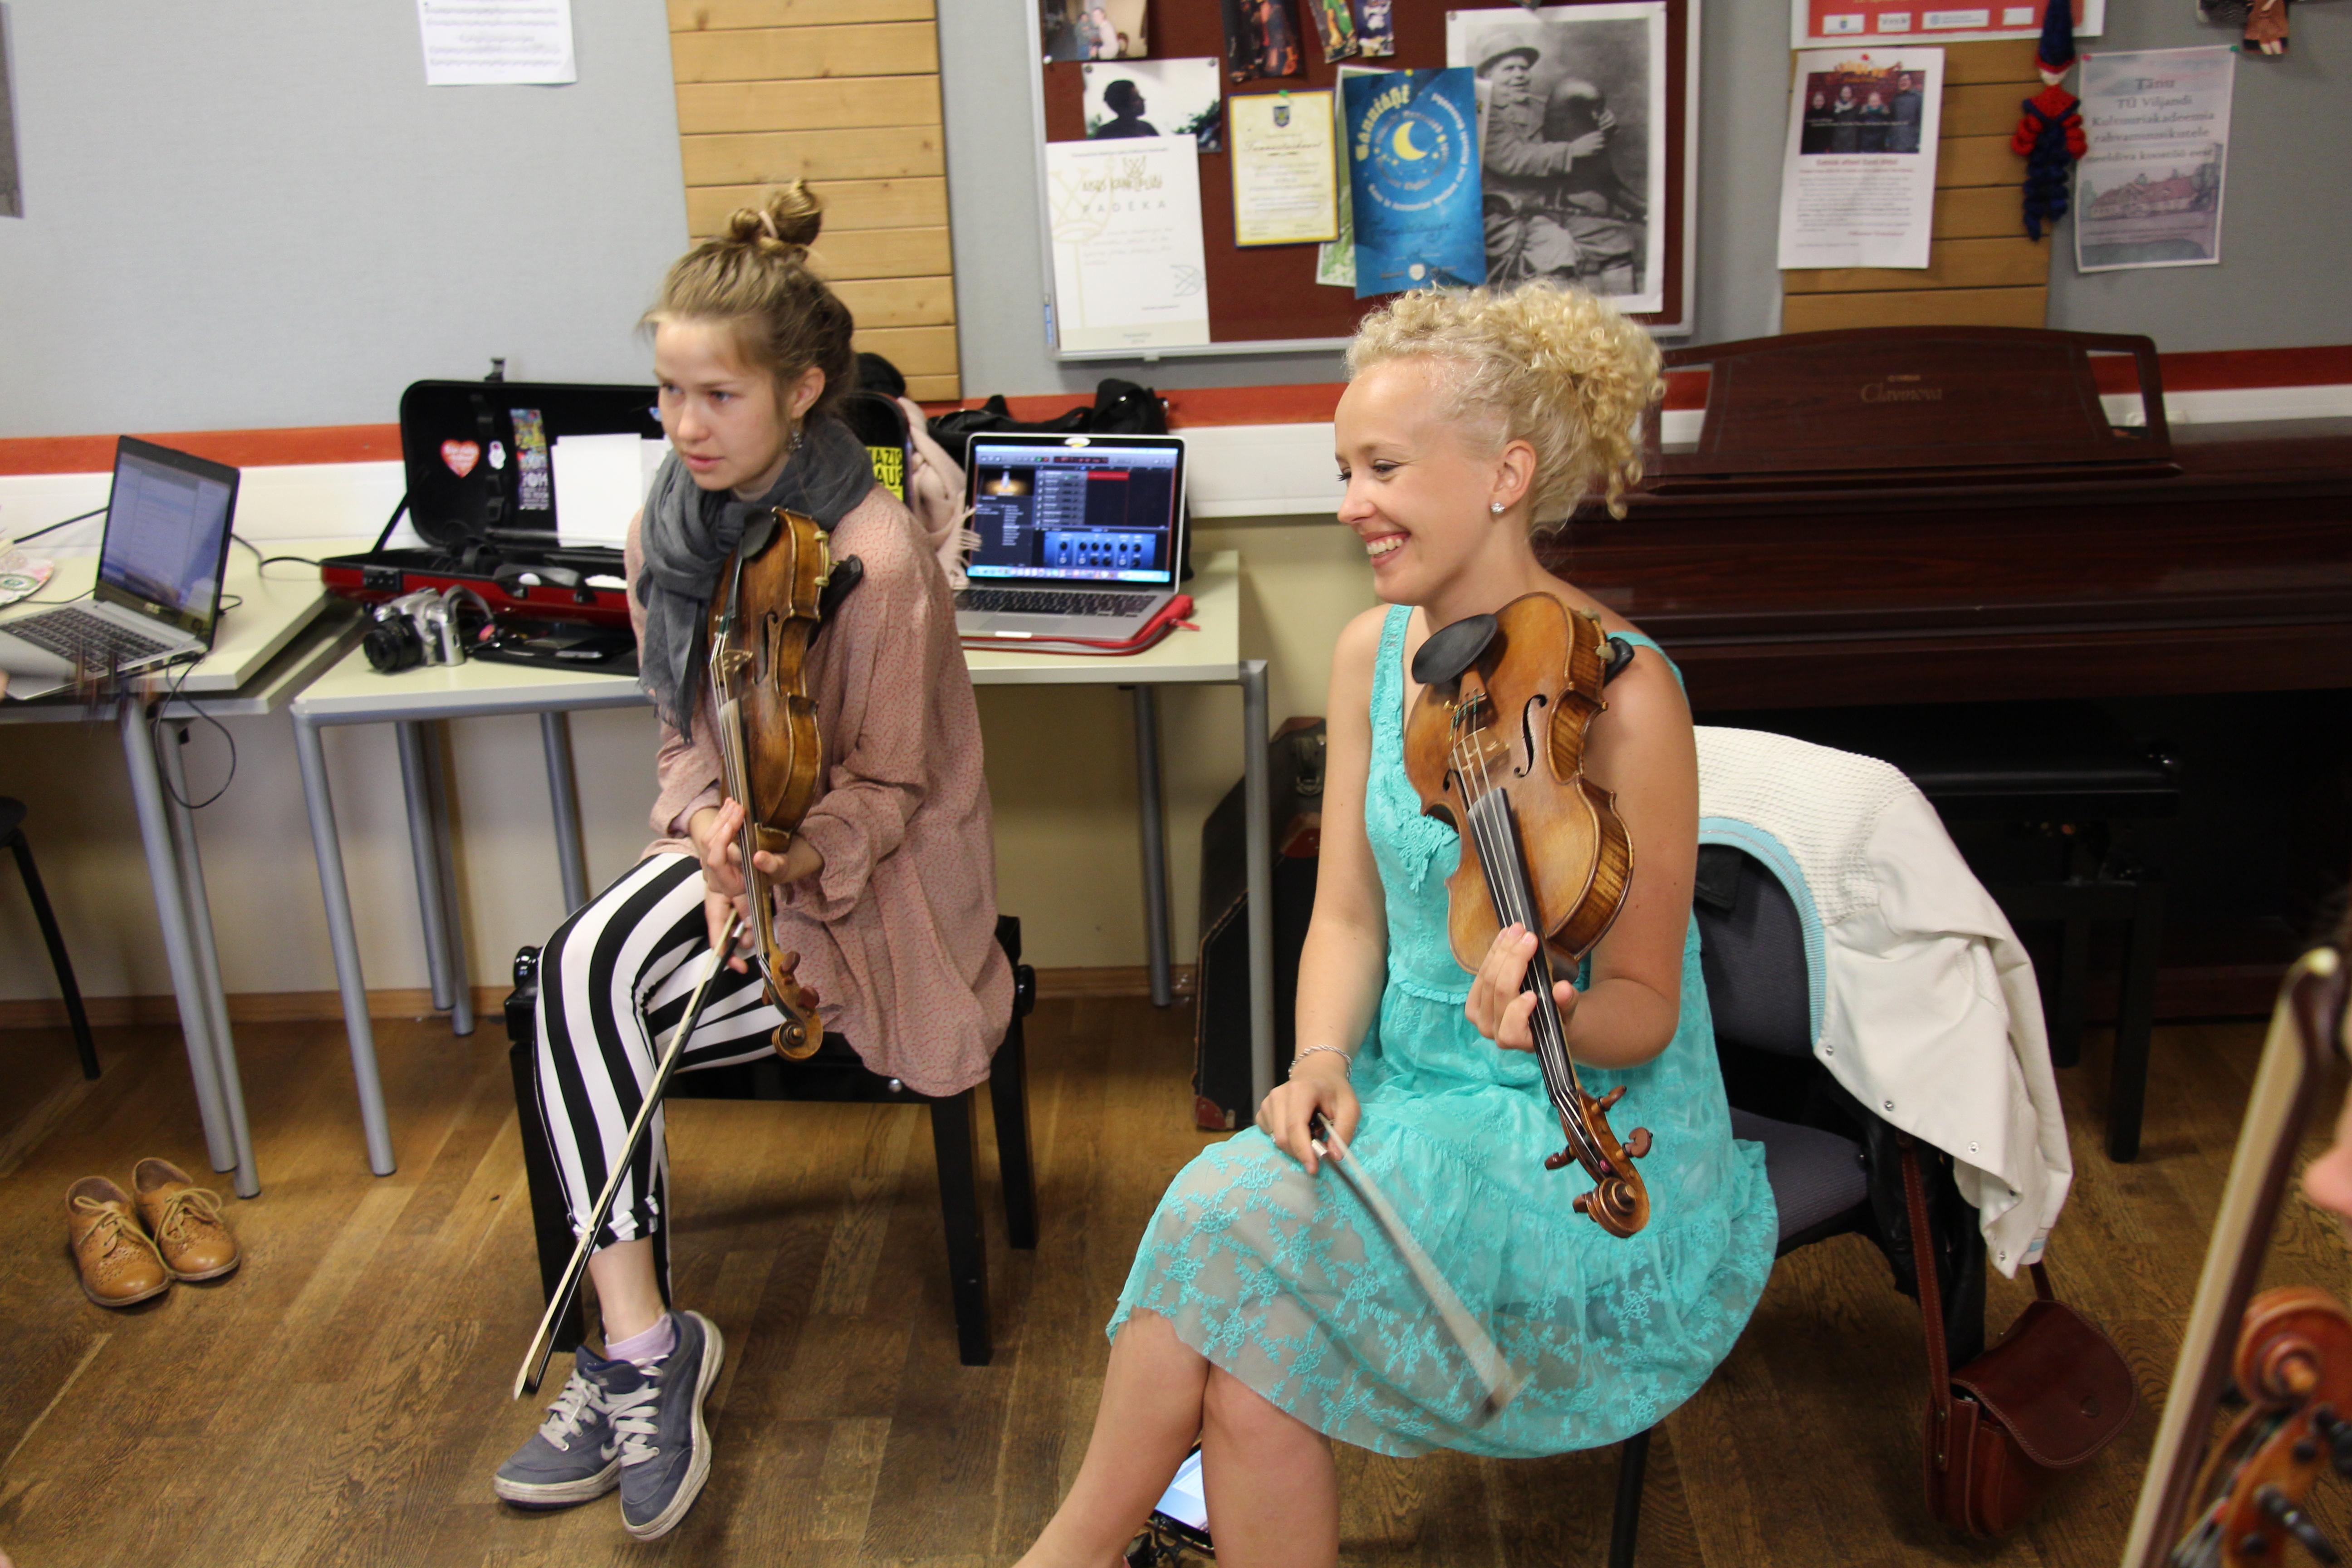 Pärimusmuusika lõimimine uute muusikastiilidega pakub häid võimalusi eesti muusika tutvustamiseks üle ilma. Foto: Tartu Ülikooli Viljandi Kultuuriakadeemia